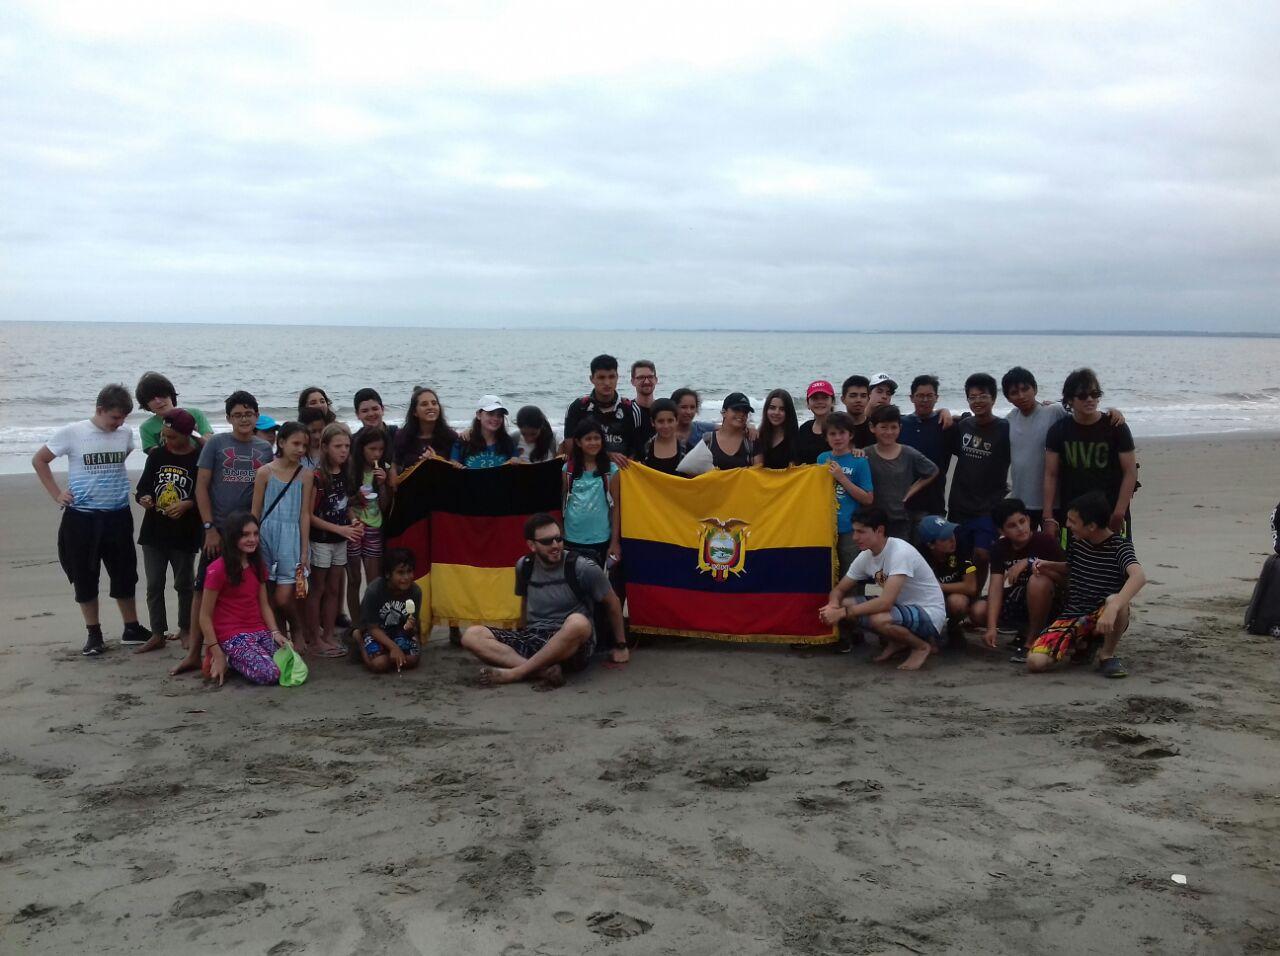 Brigada Ambiental del Colegio Alemán de Quito, Guayaquil y Cuenca